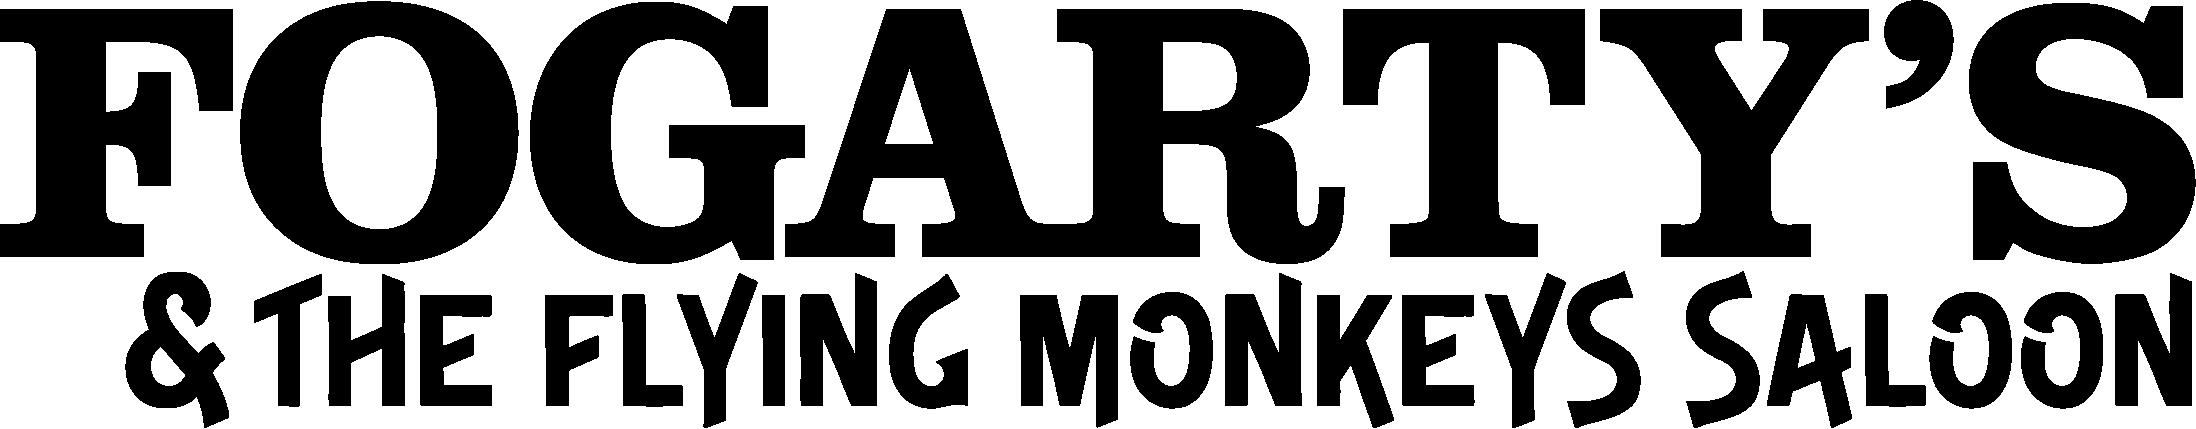 fogartys logo